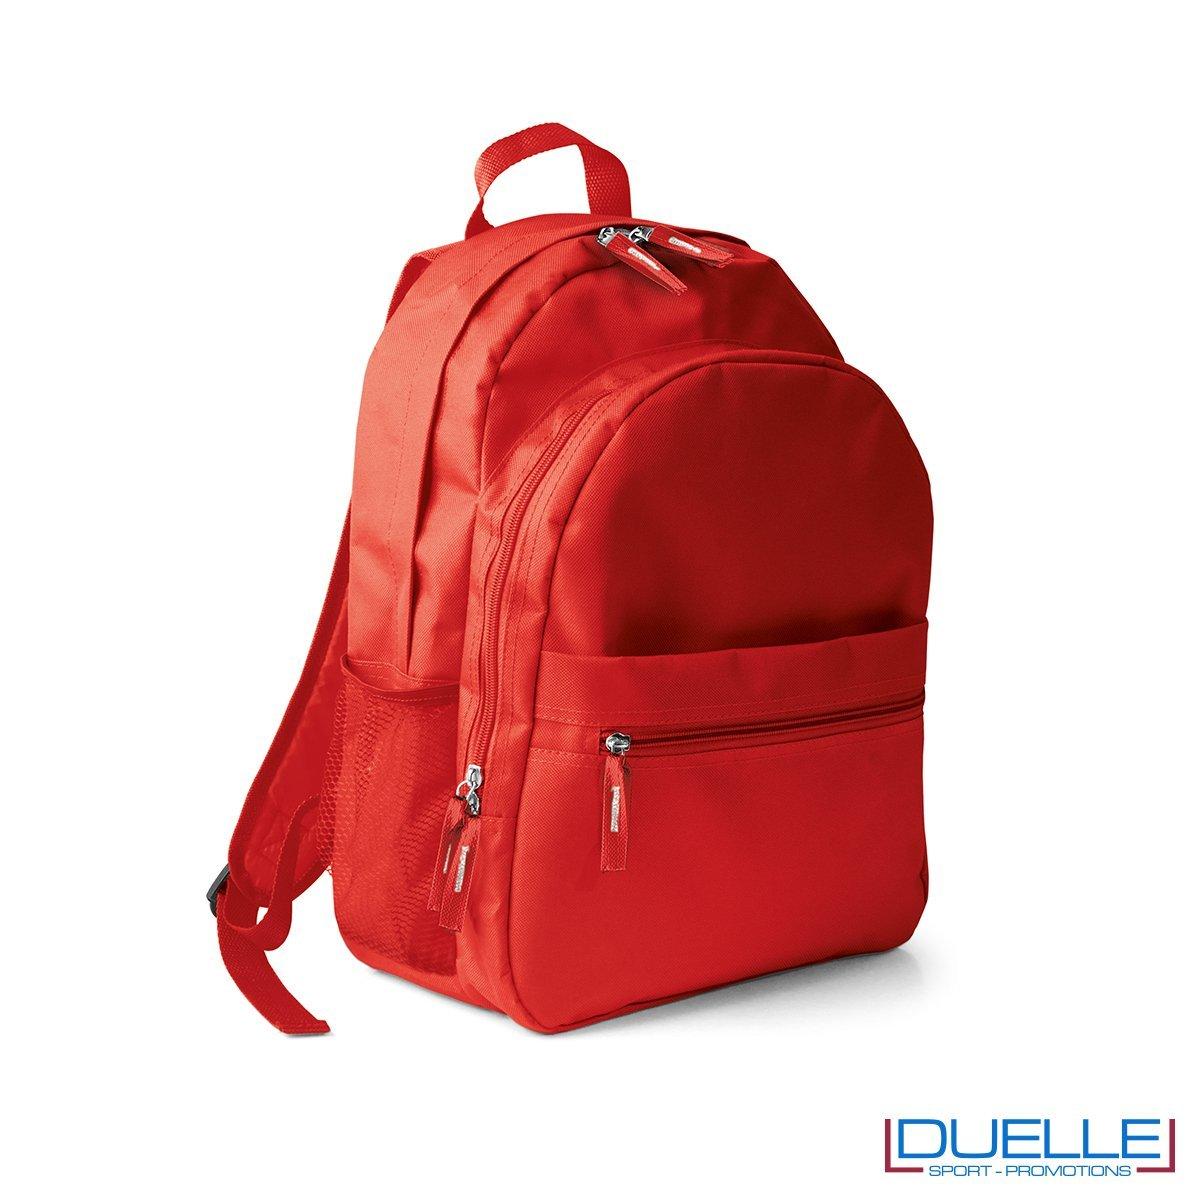 zaino personalizzato, zaino per lo sport e il tempo libero - zaino economico personalizzato rosso